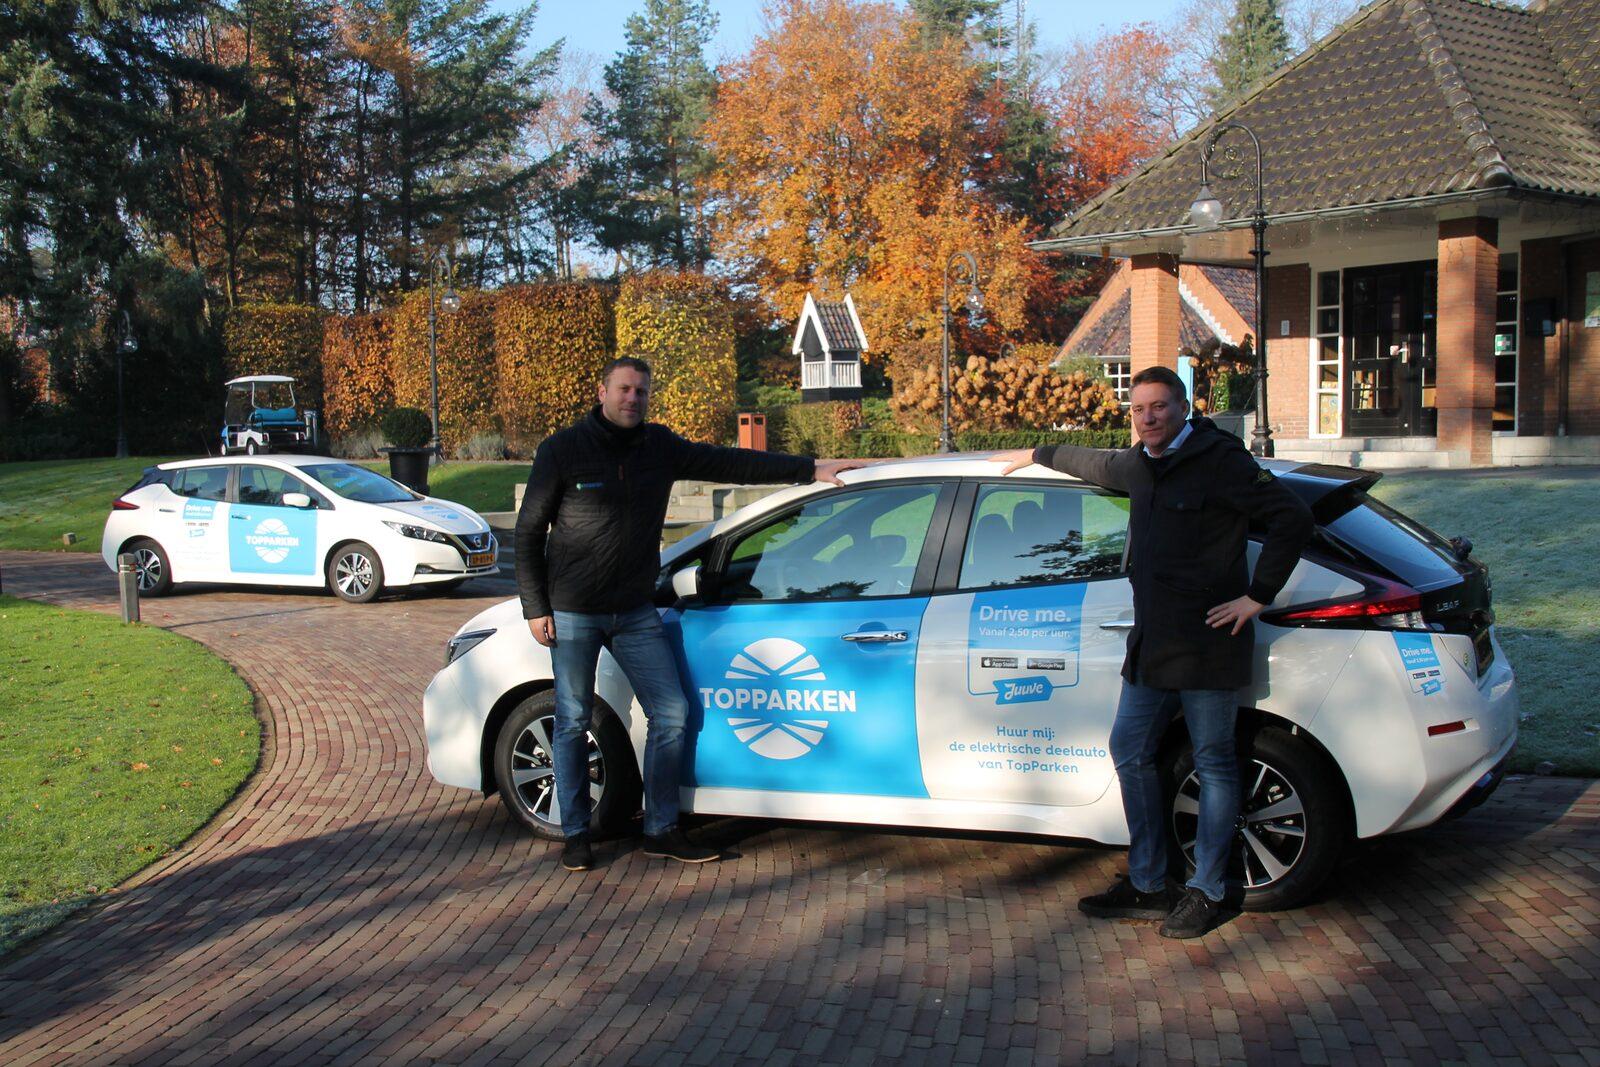 TopParken macht Ferienpark nachhaltiger mit V2G-Elektroautos